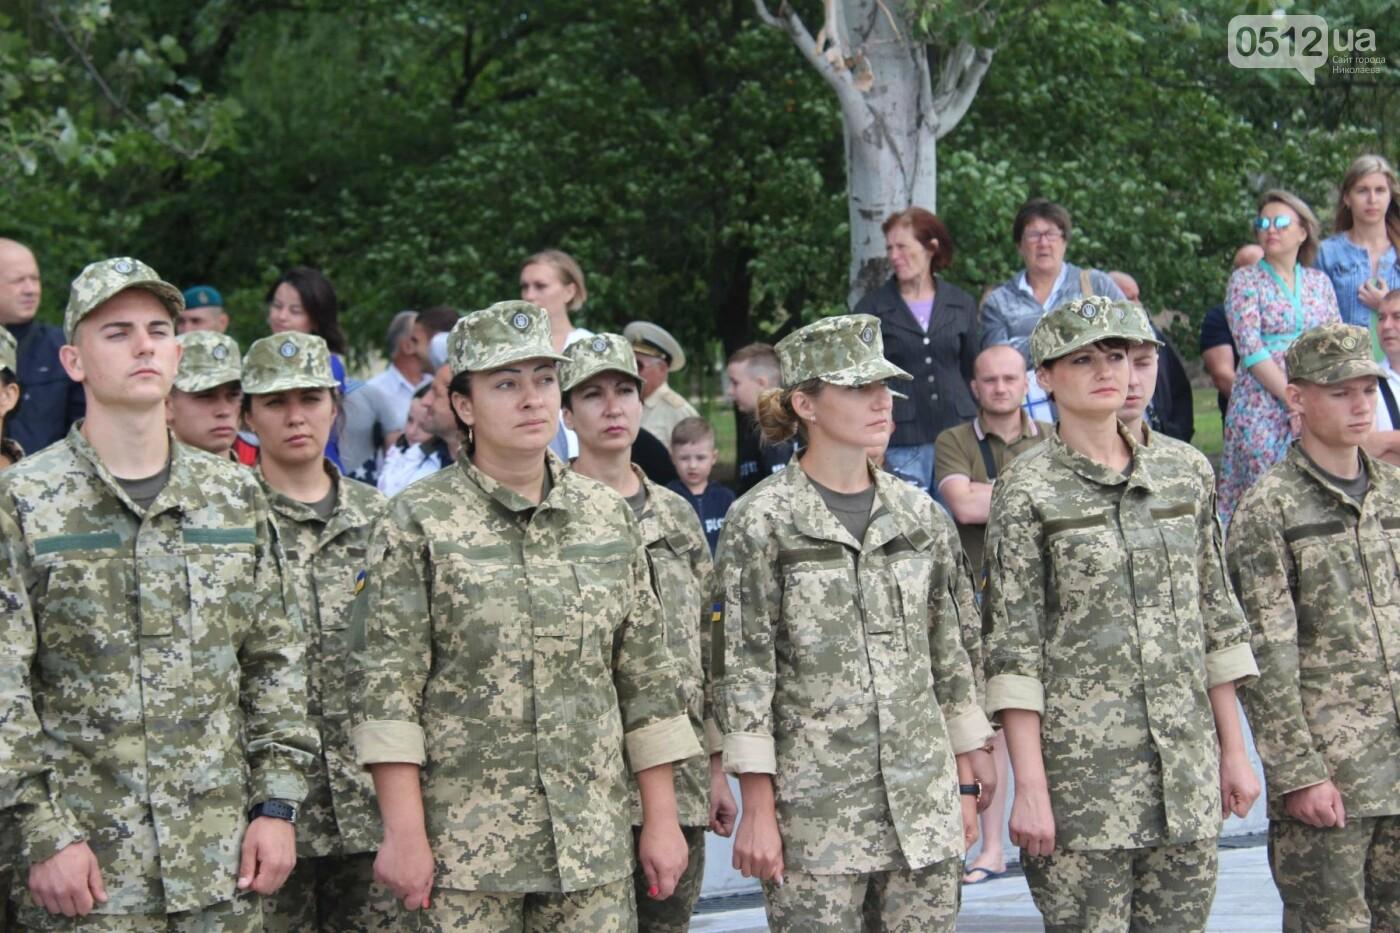 Полевая кухня, марш военных и выставка техники: как в Николаеве отмечали День ВМС Украины, фото-2